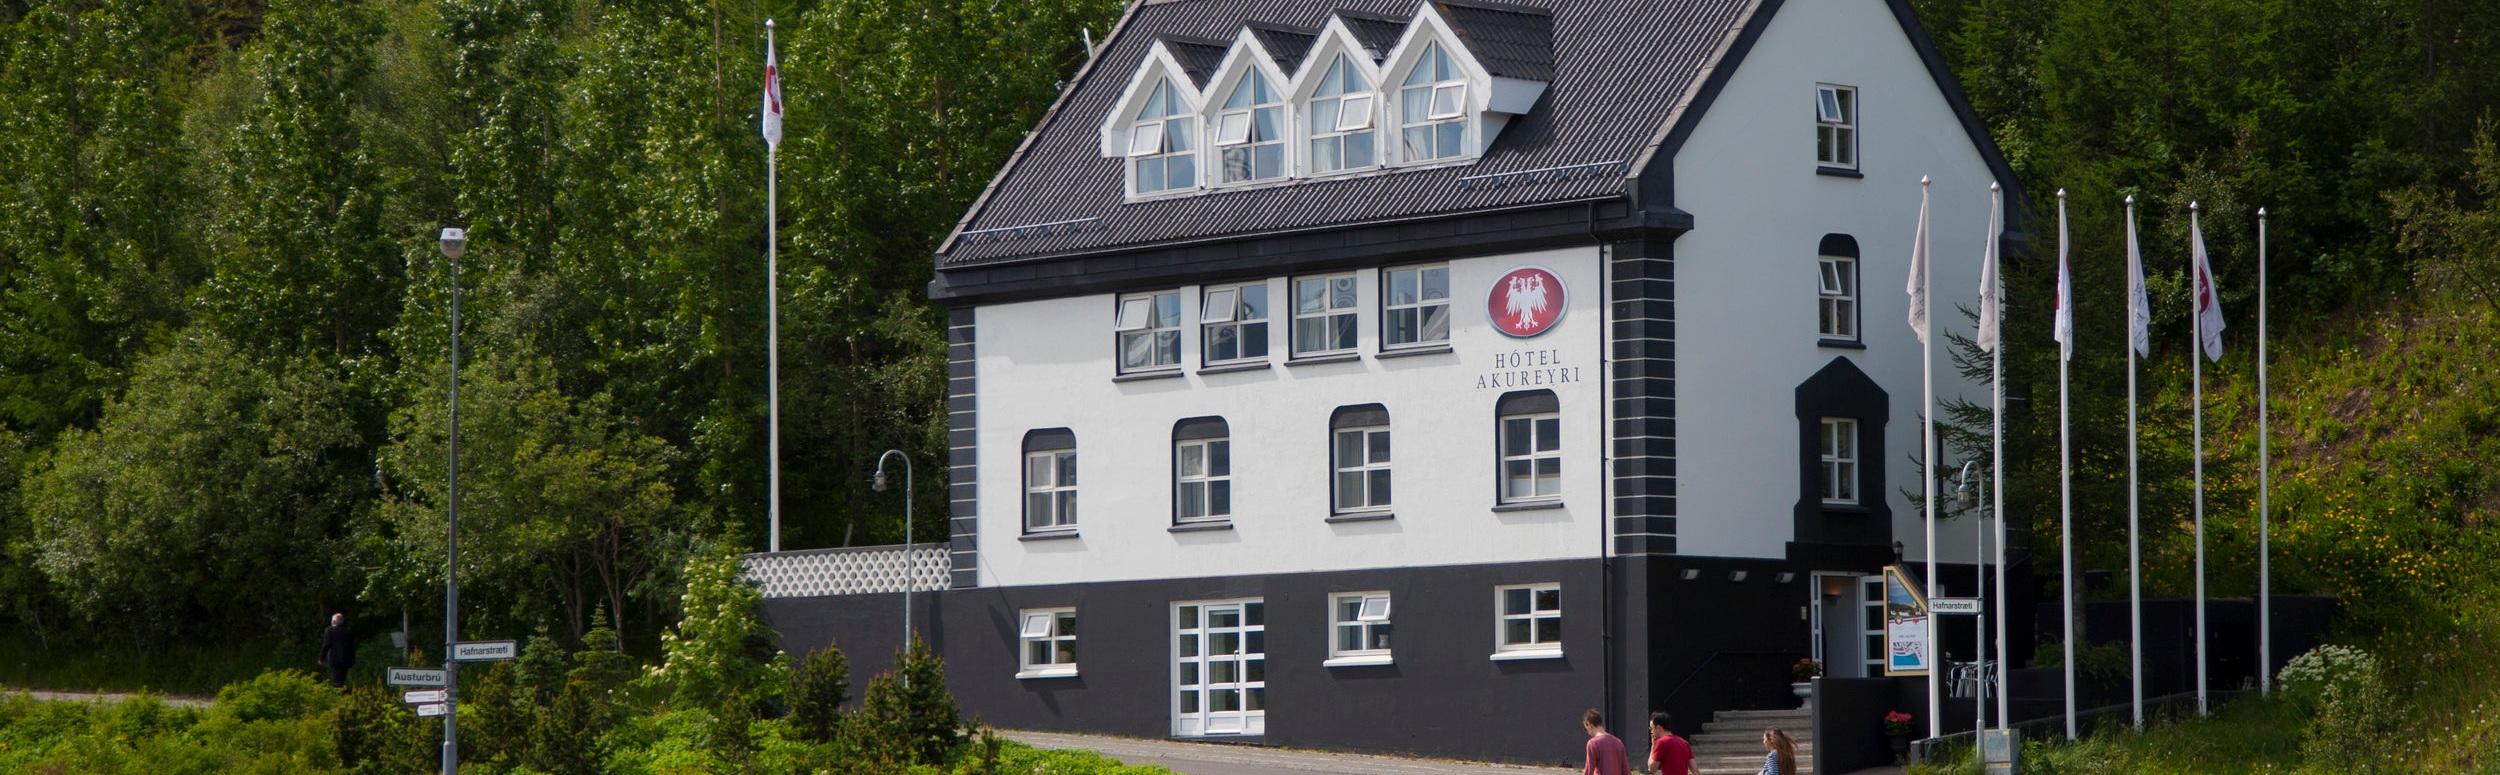 Skjaldborg Exterior -